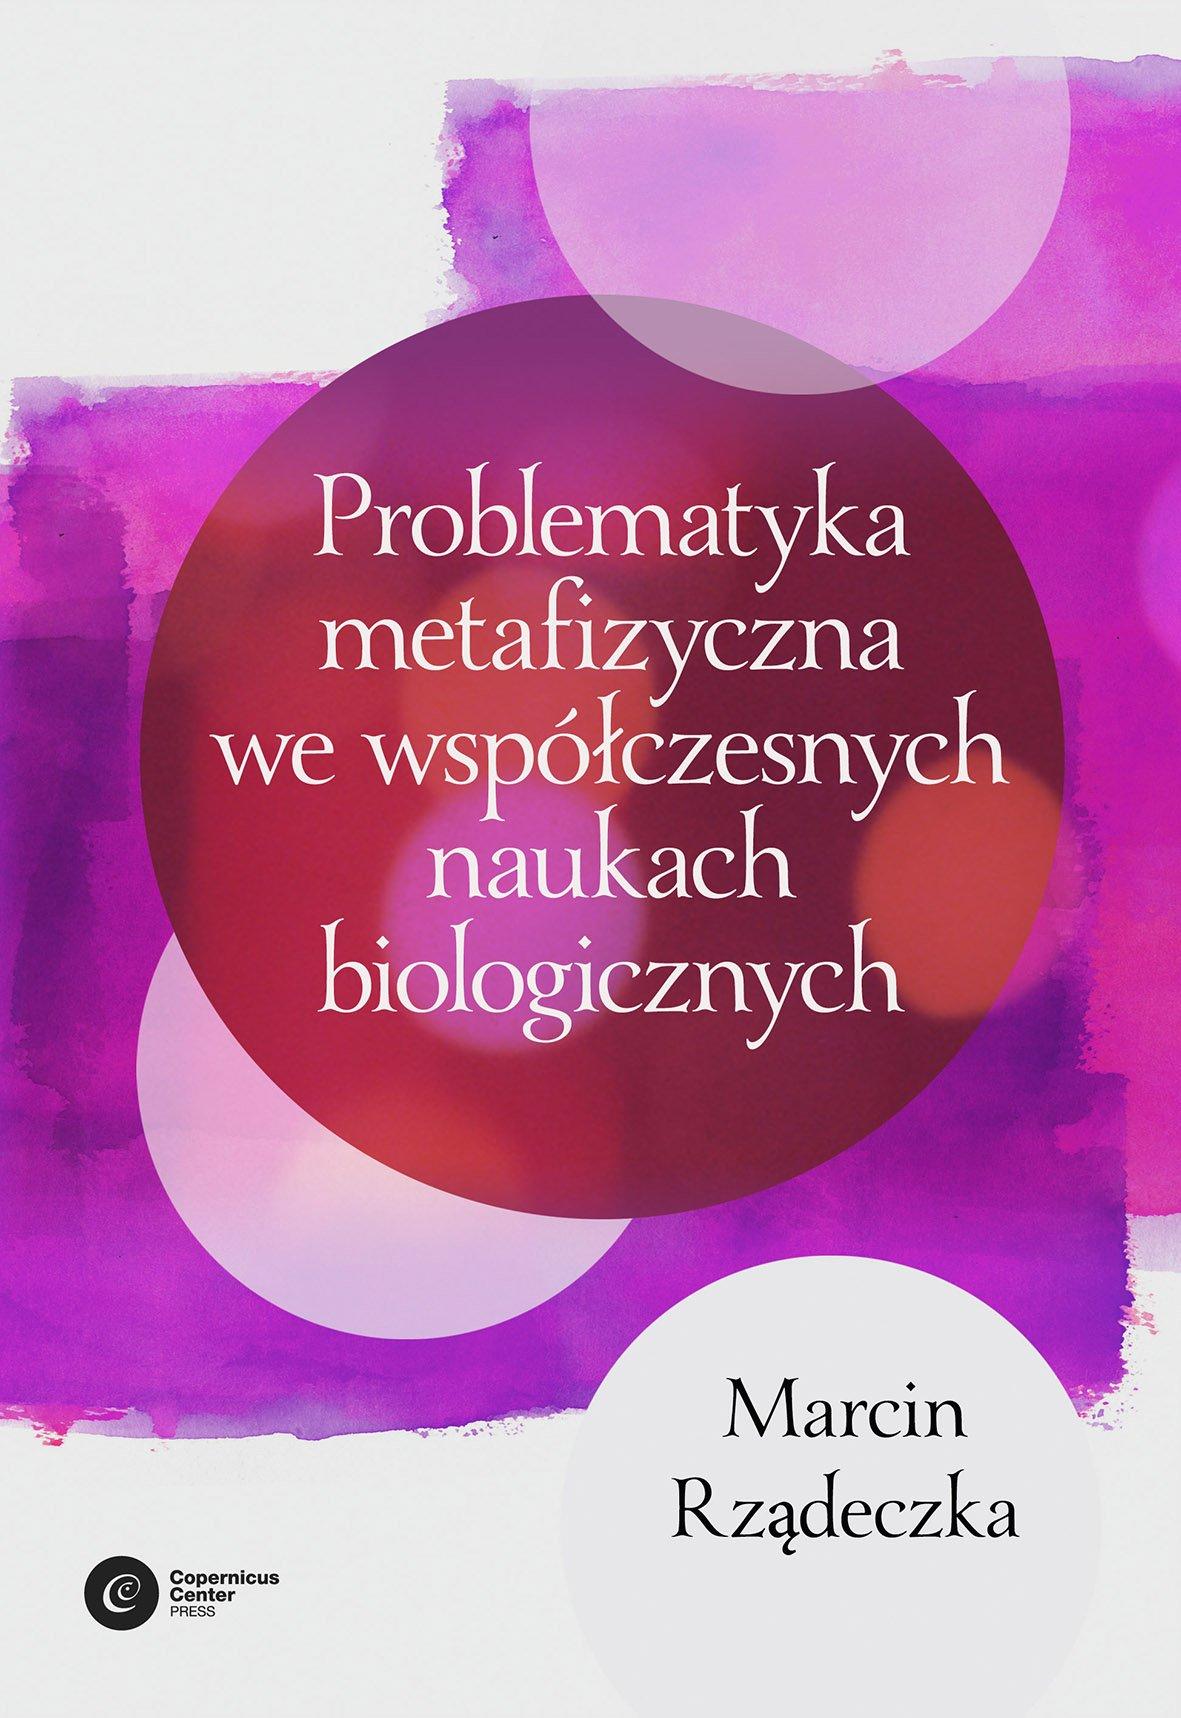 Problematyka metafizyczna we współczesnych naukach biologicznych - Ebook (Książka EPUB) do pobrania w formacie EPUB